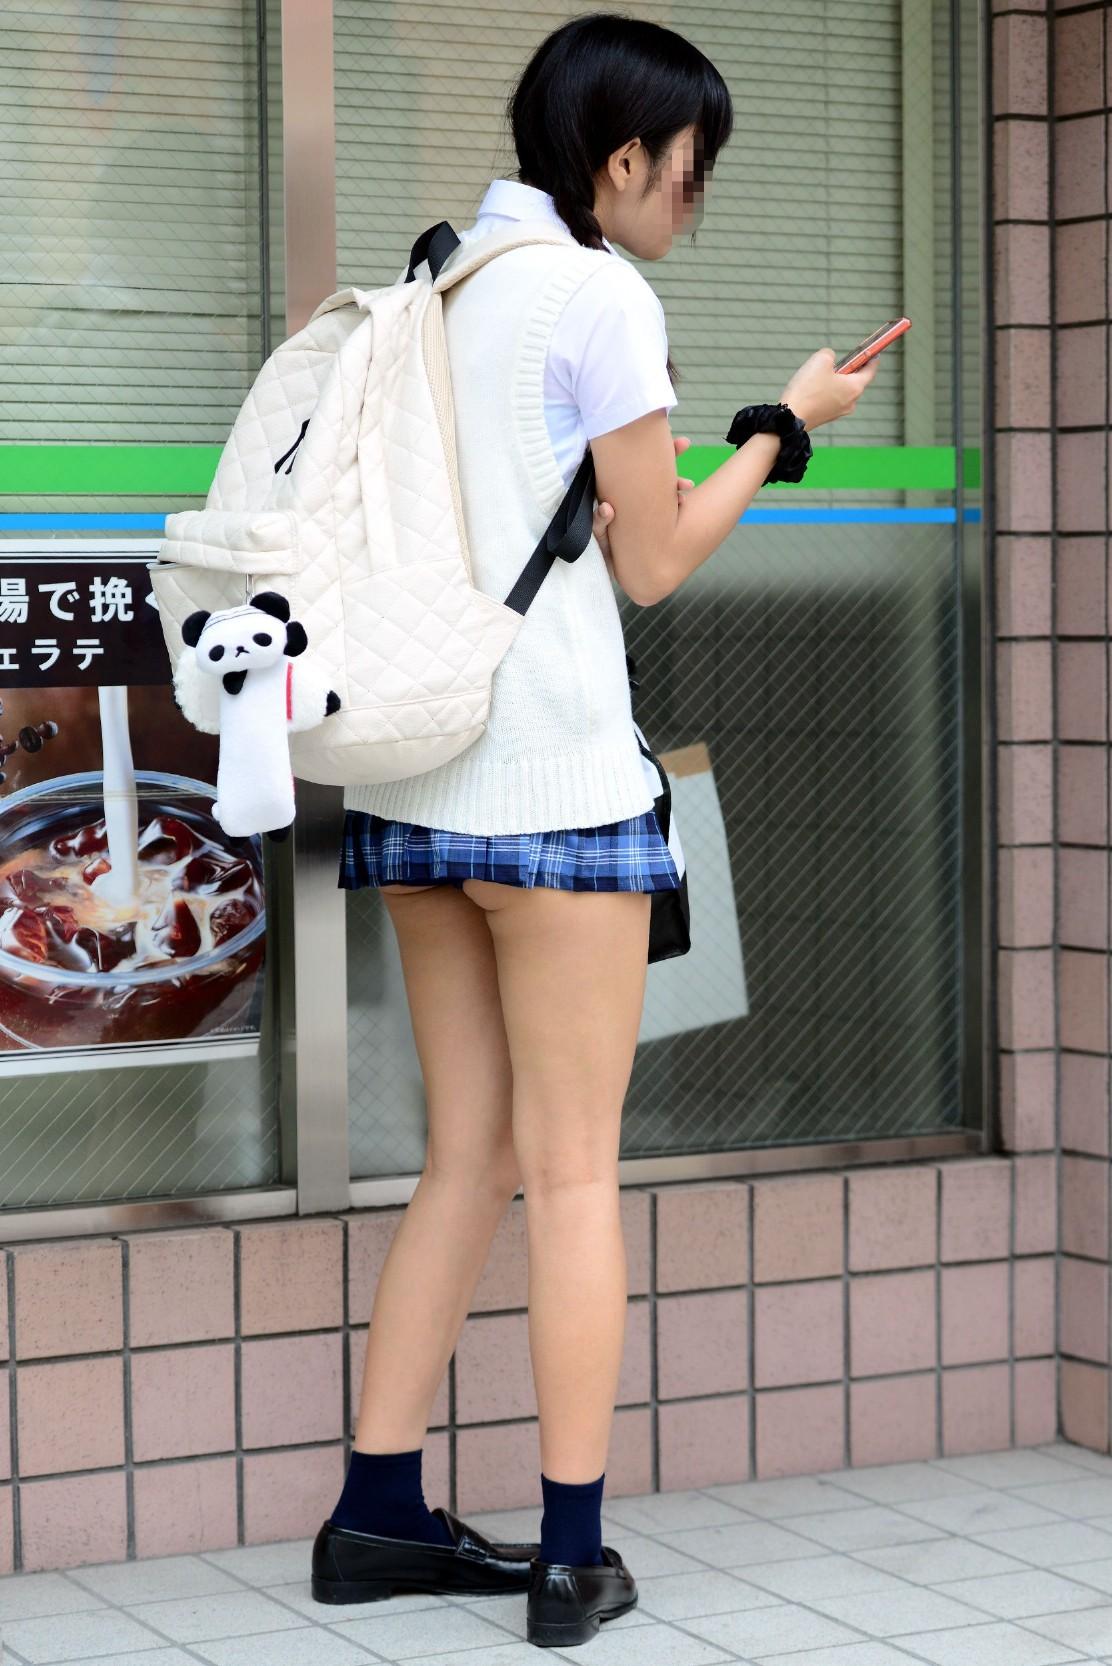 スマホをいじるスケベな格好したお姉さんの街撮り画像 107kiDyNYH